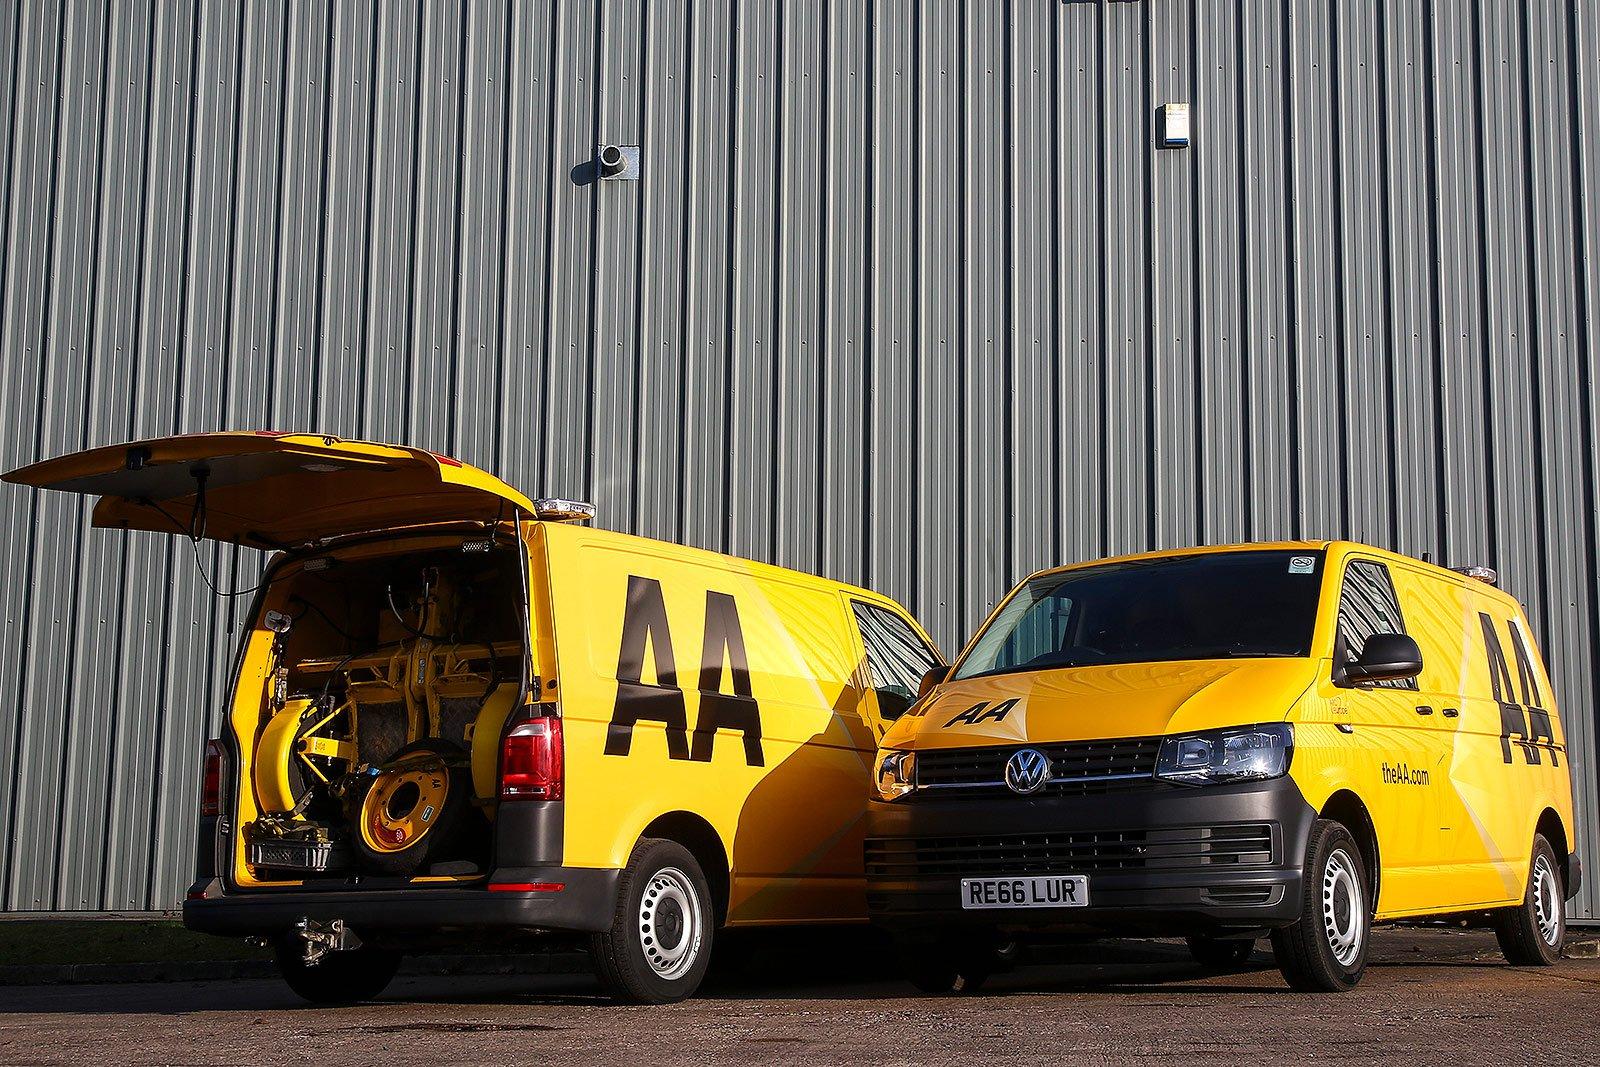 VW AA van